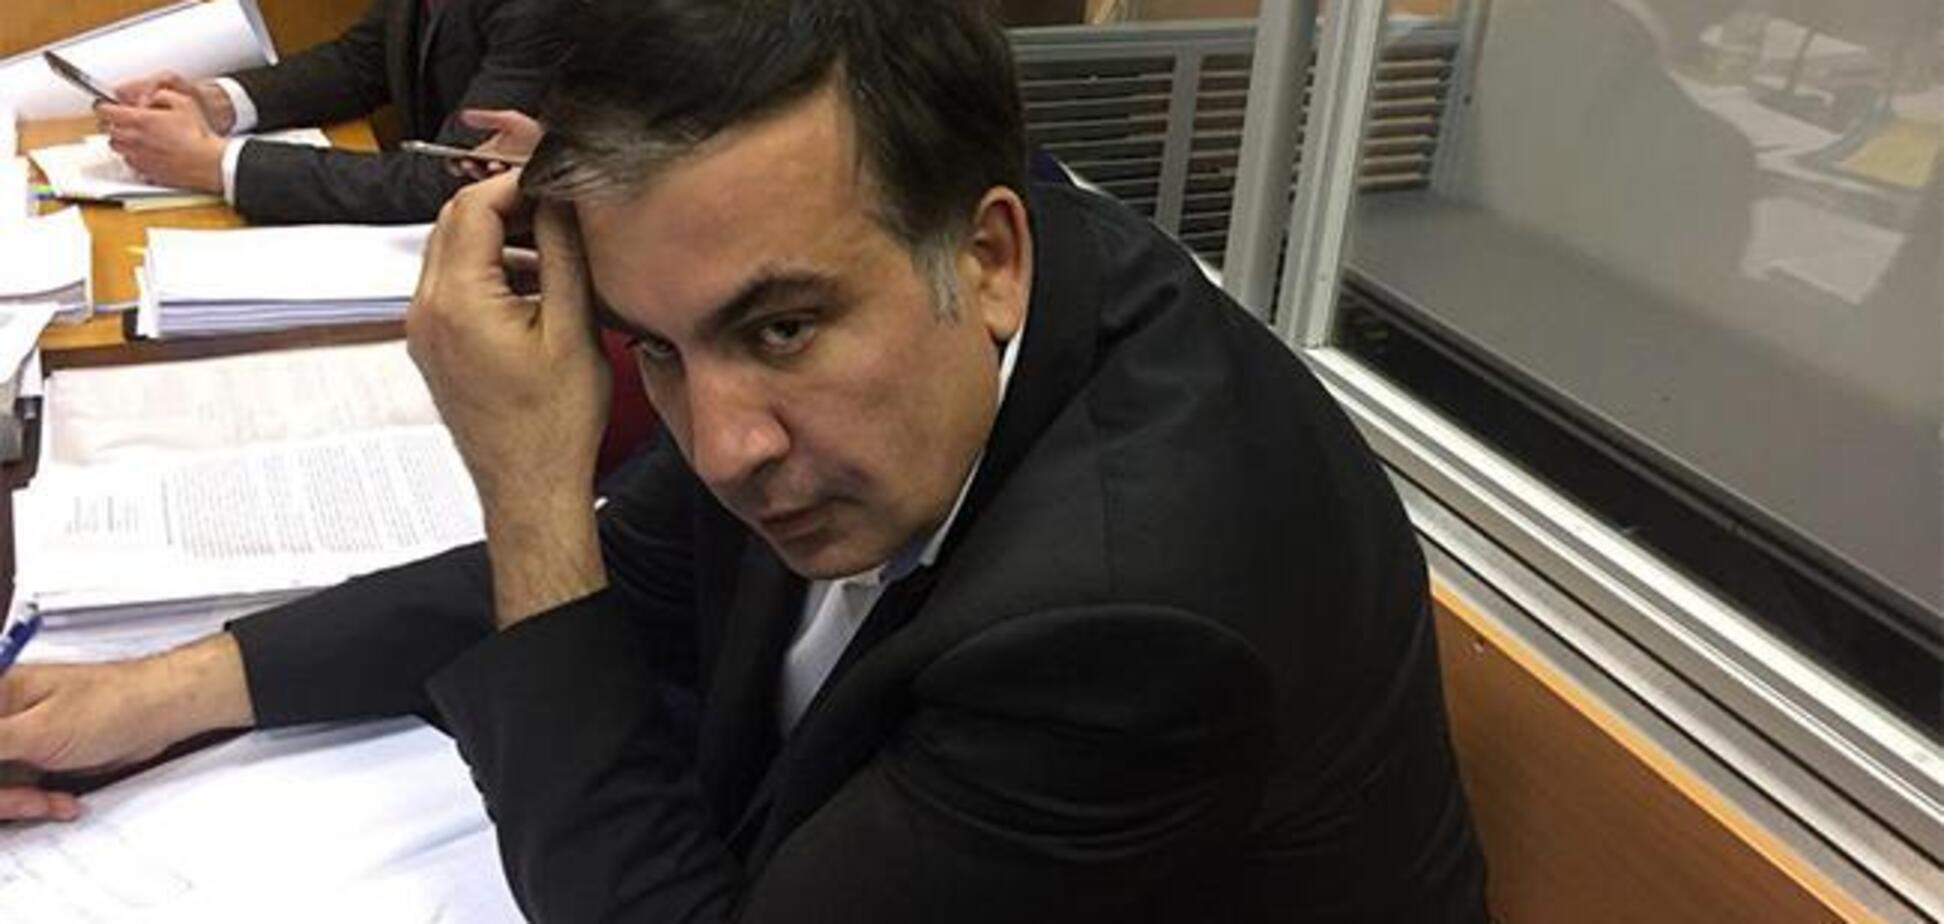 Саакашвілі викликали на допит у ГПУ: з'явилося фото